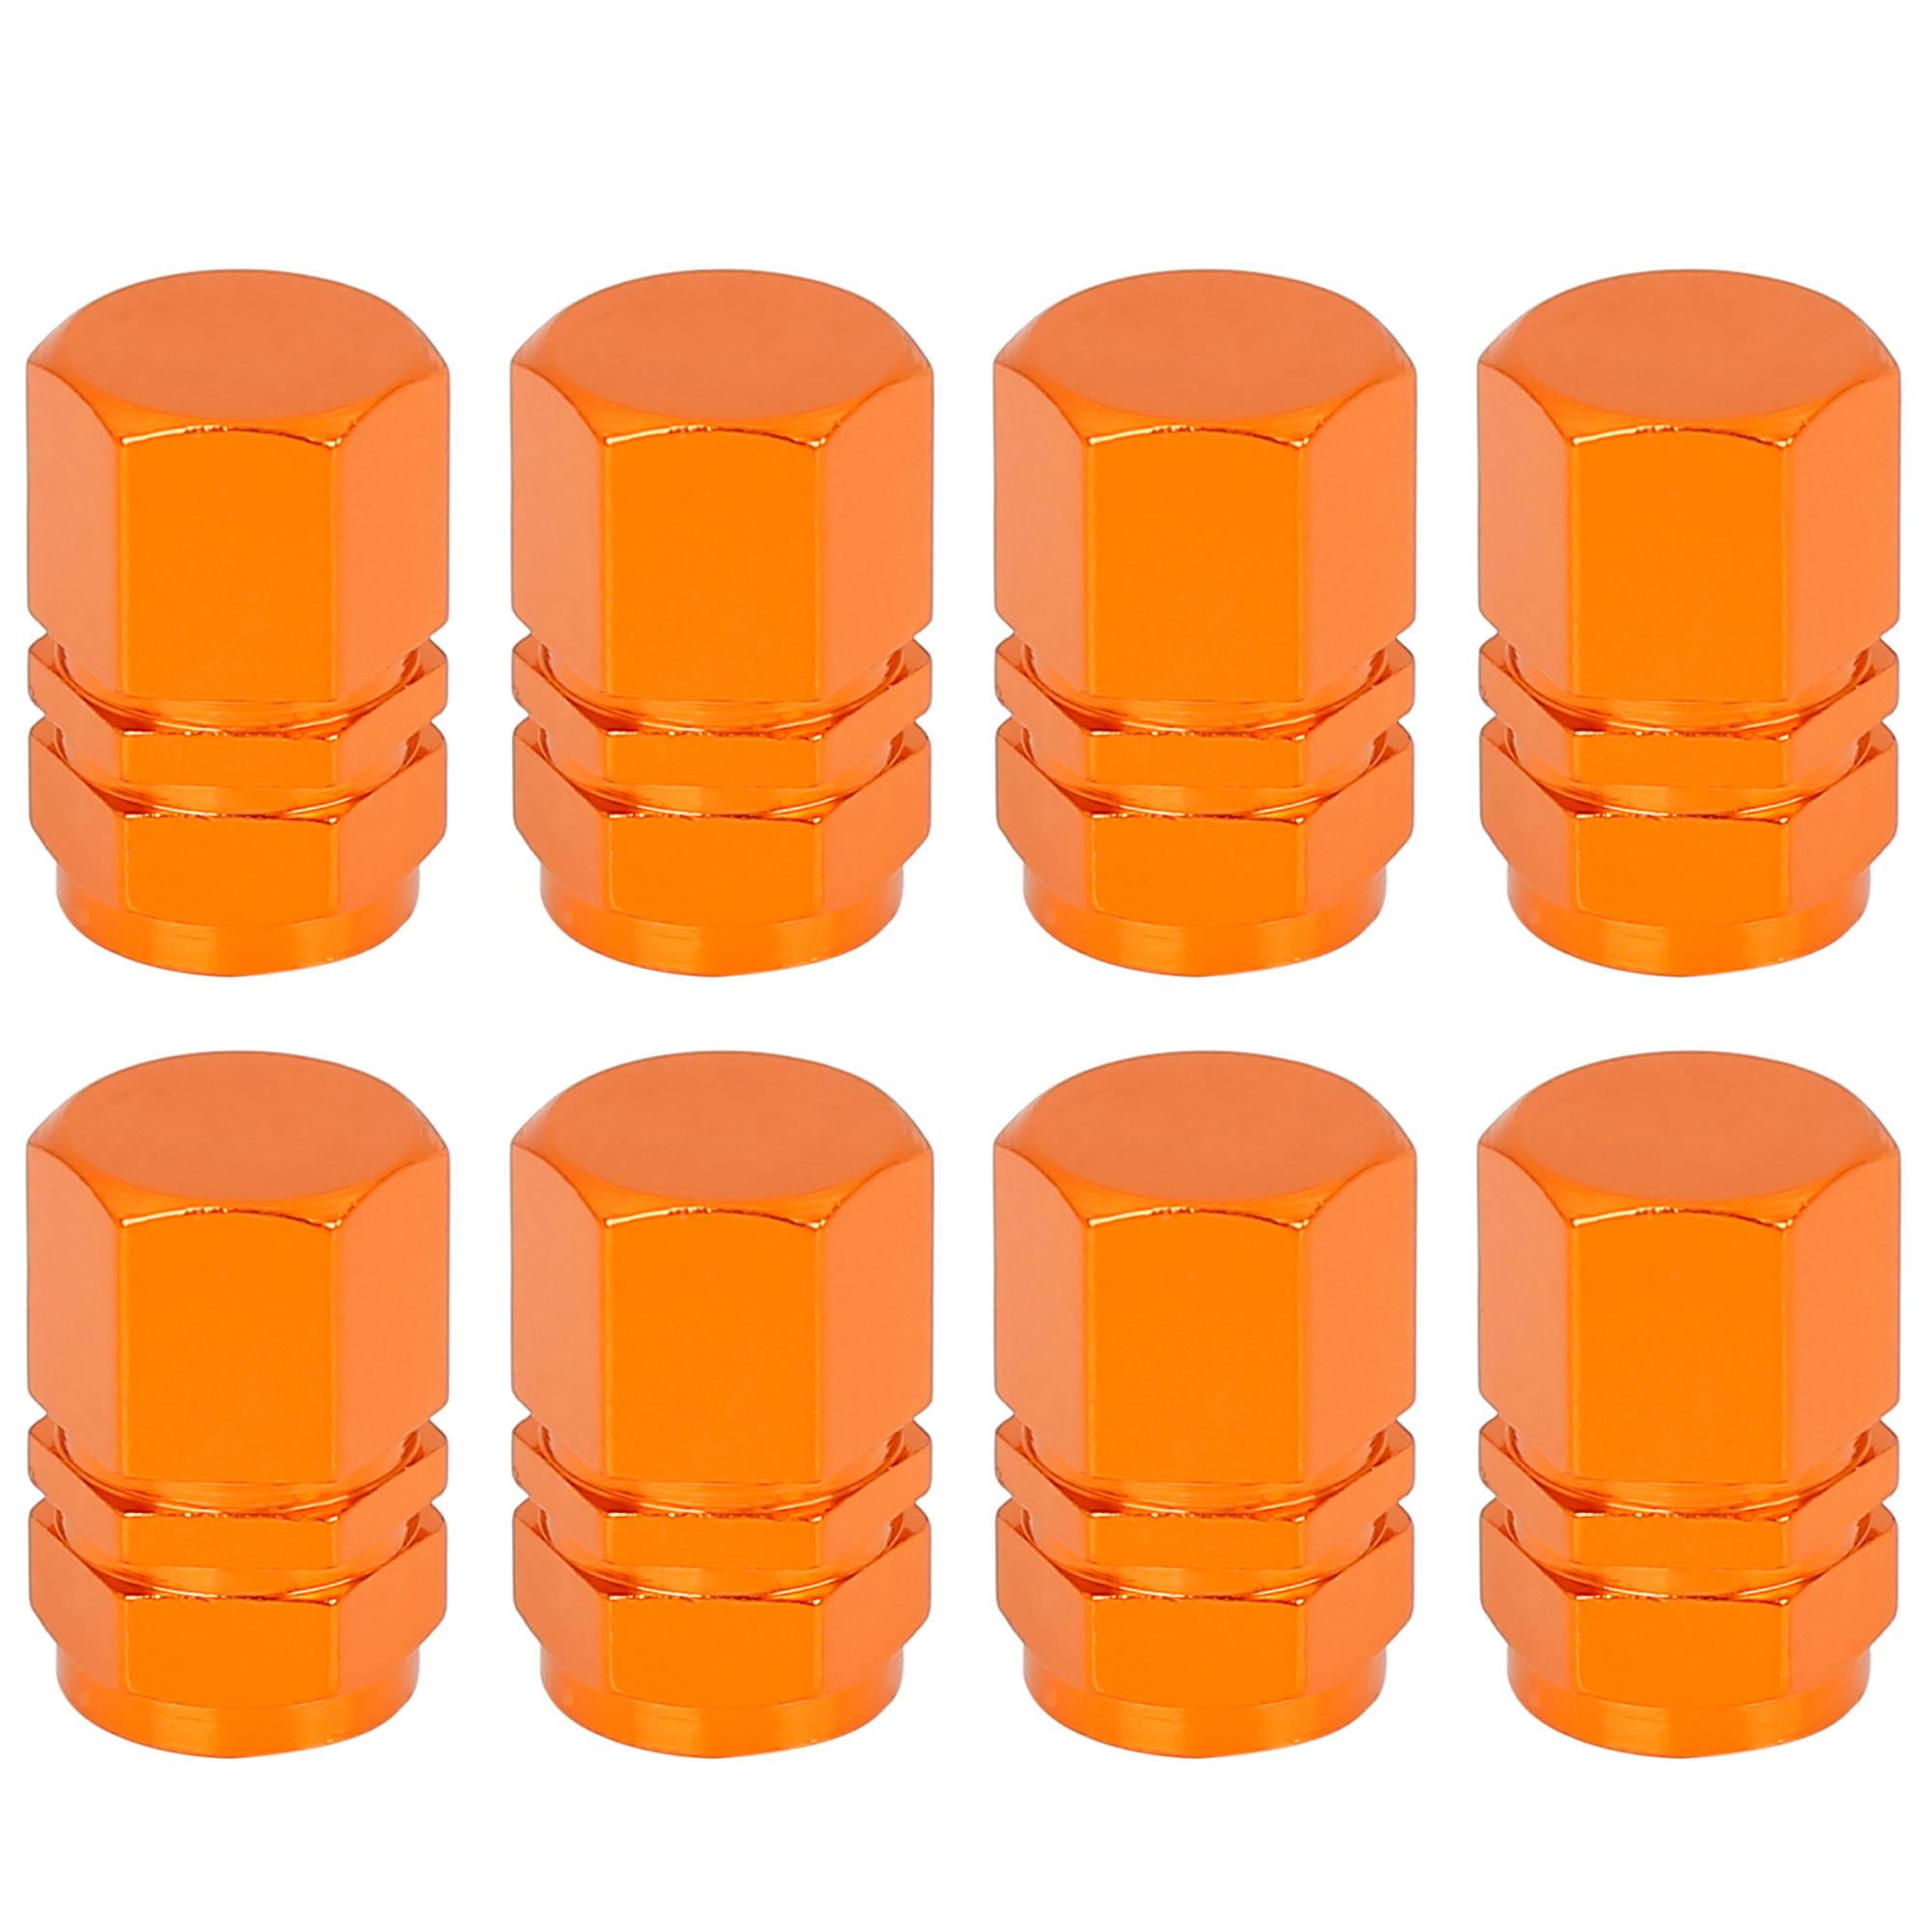 8pcs Orange Tire Stem Valve Caps Car Hexagon Shape Aluminium Alloy Tire Cap